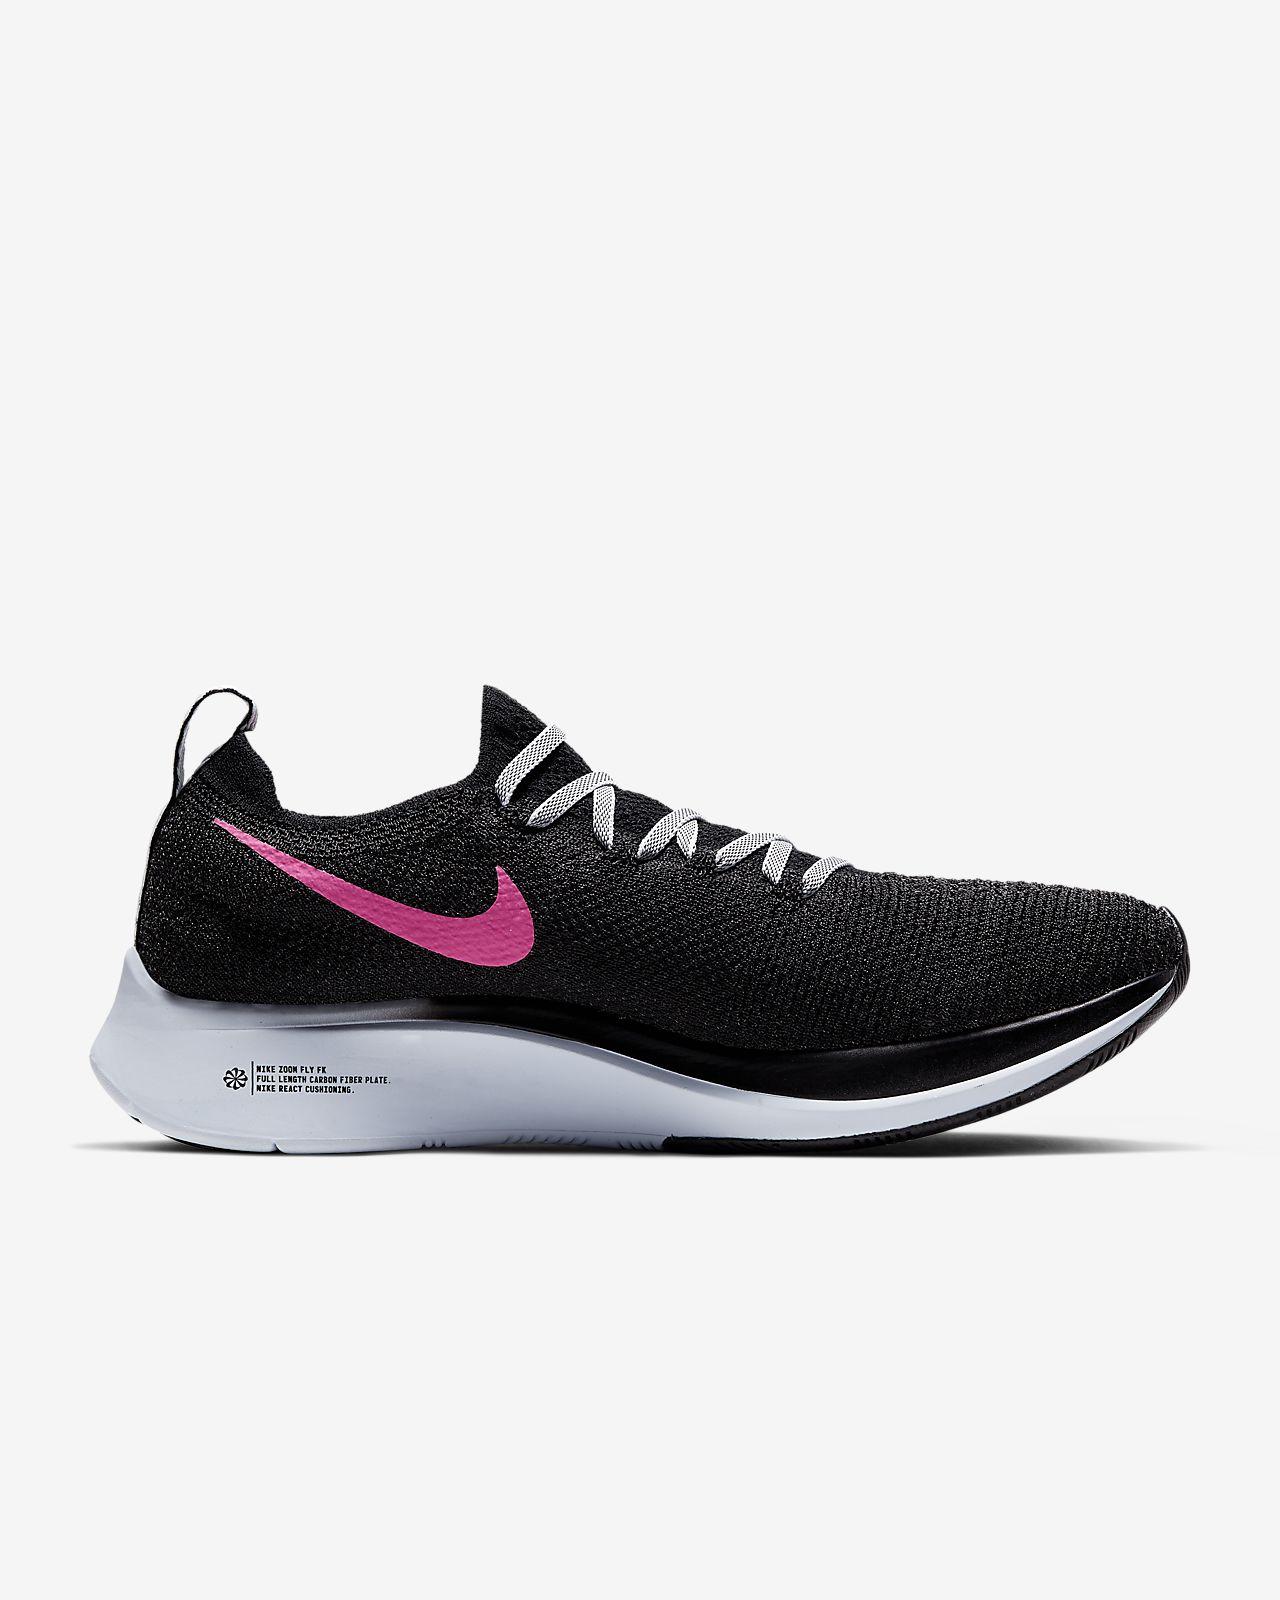 2495d635d10 Nike Zoom Fly Flyknit Women's Running Shoe . Nike.com